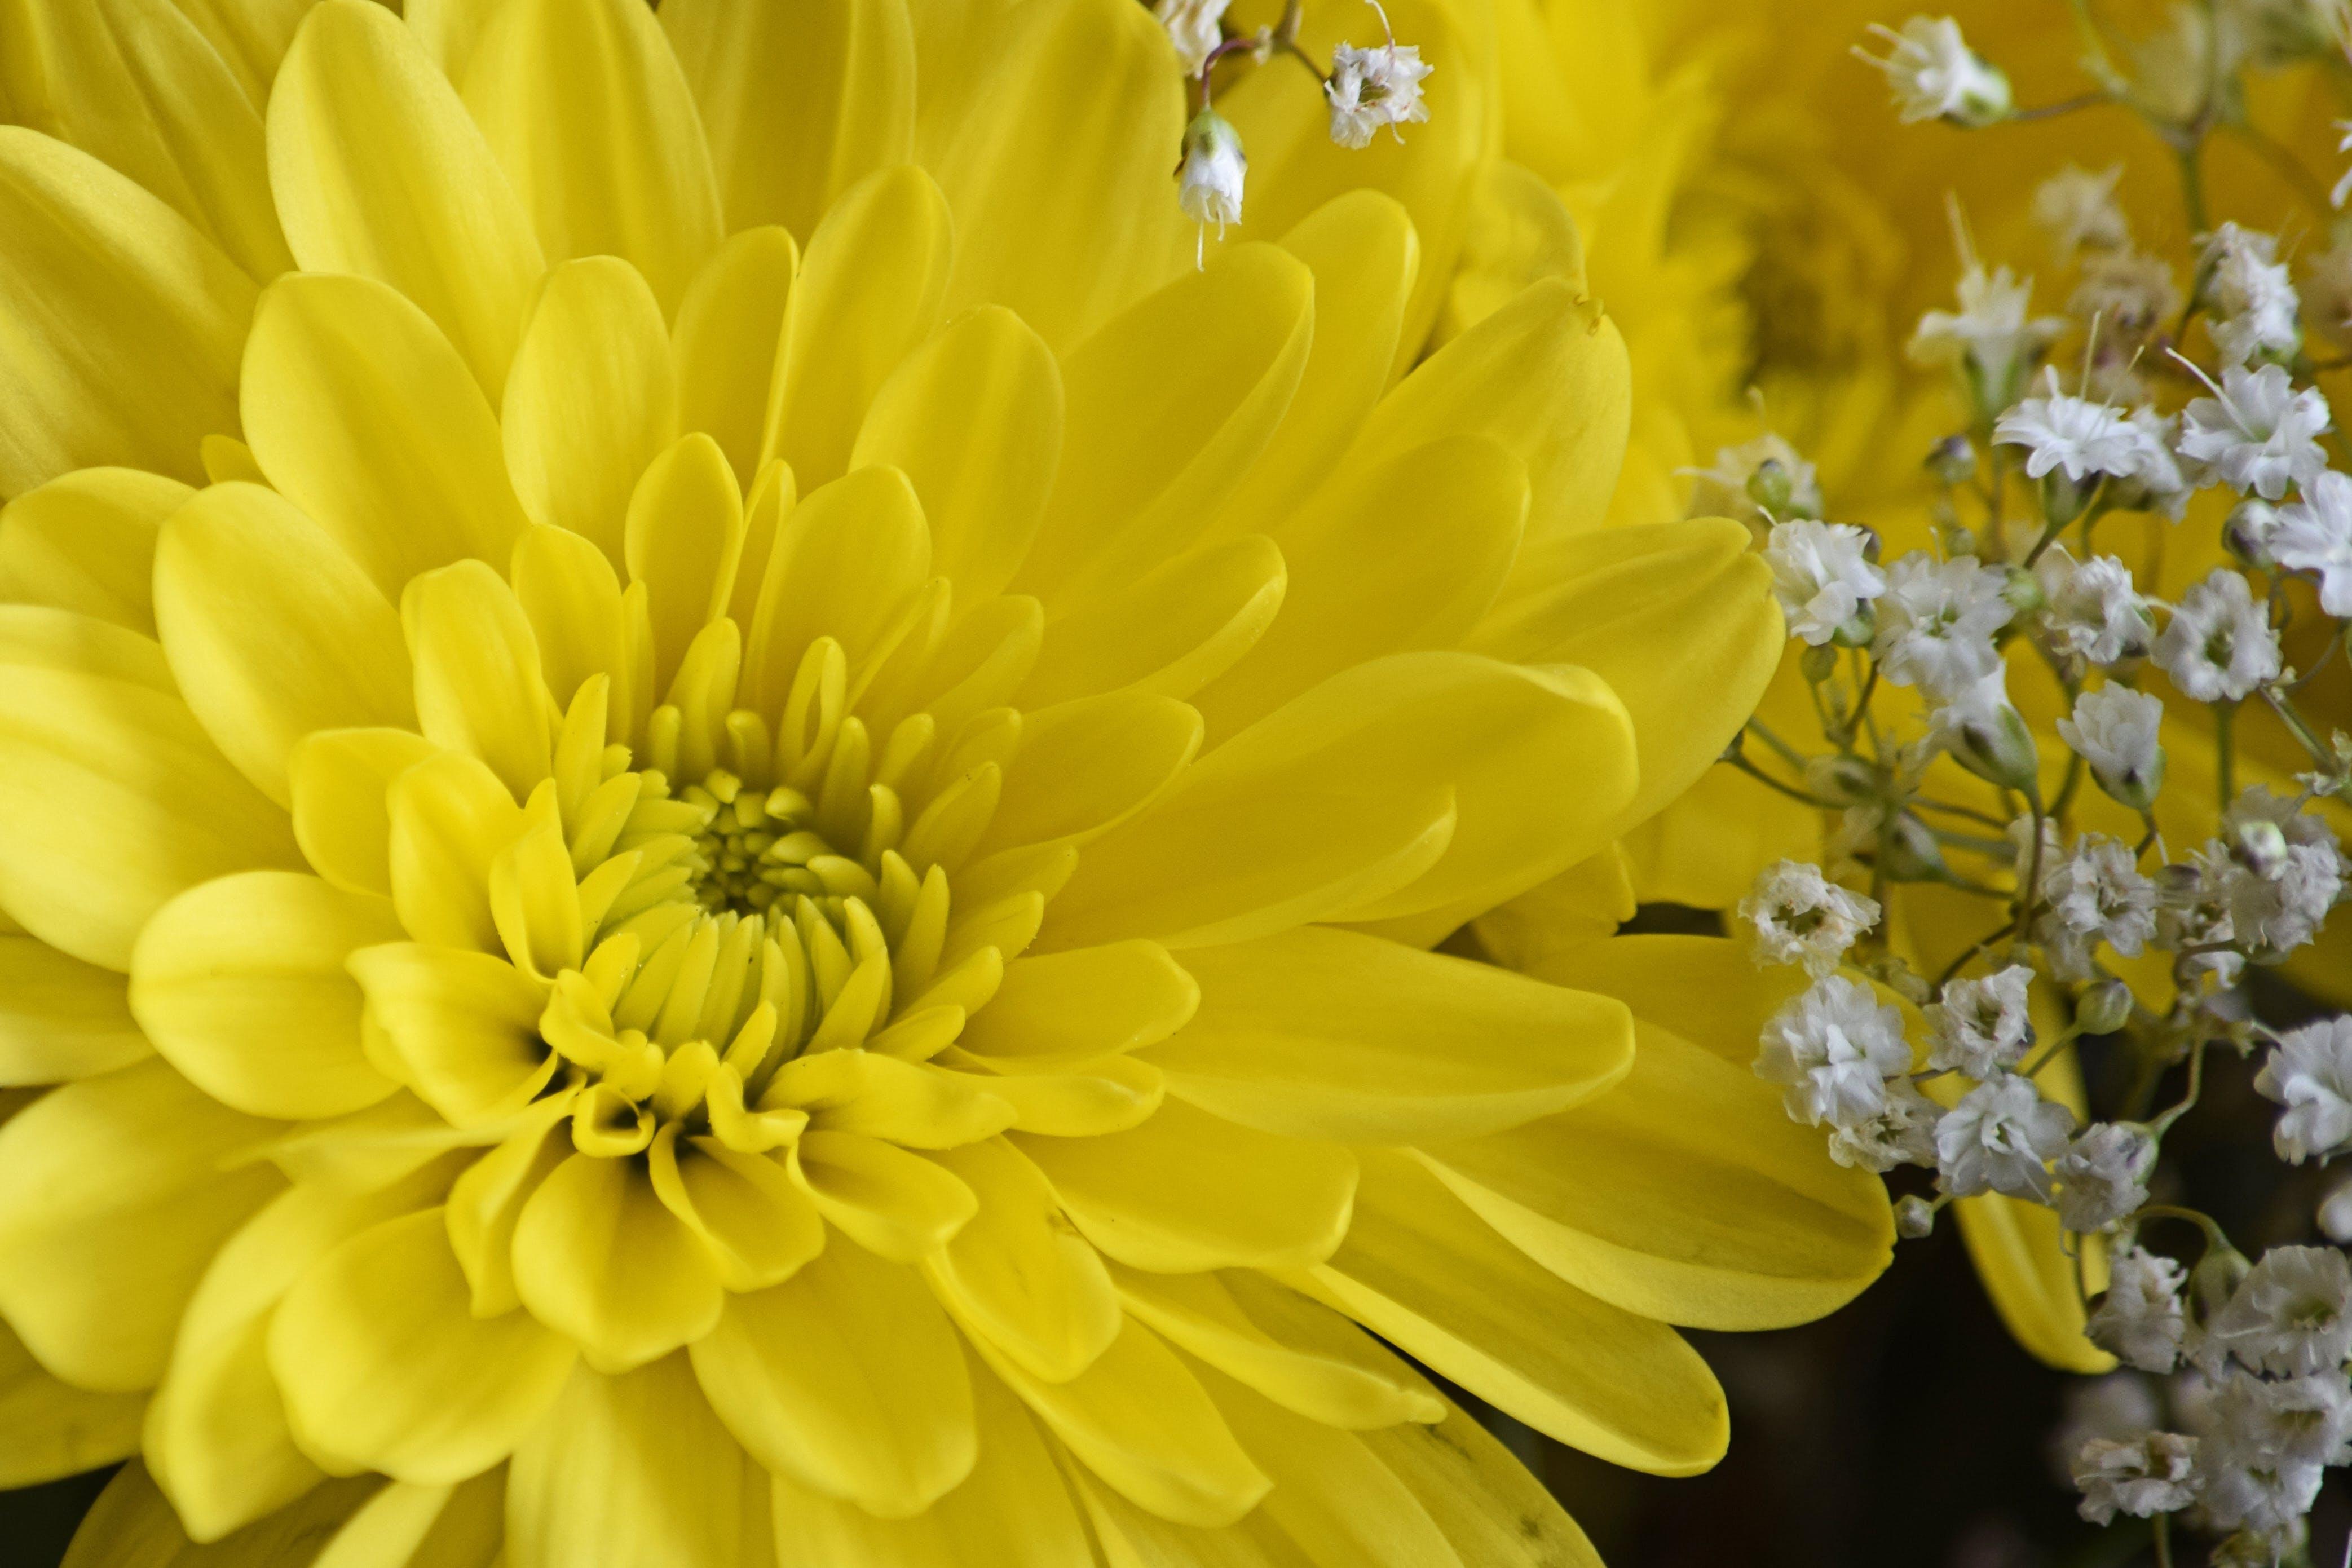 Free stock photo of beautiful flower, flower, yellow, yellow flower